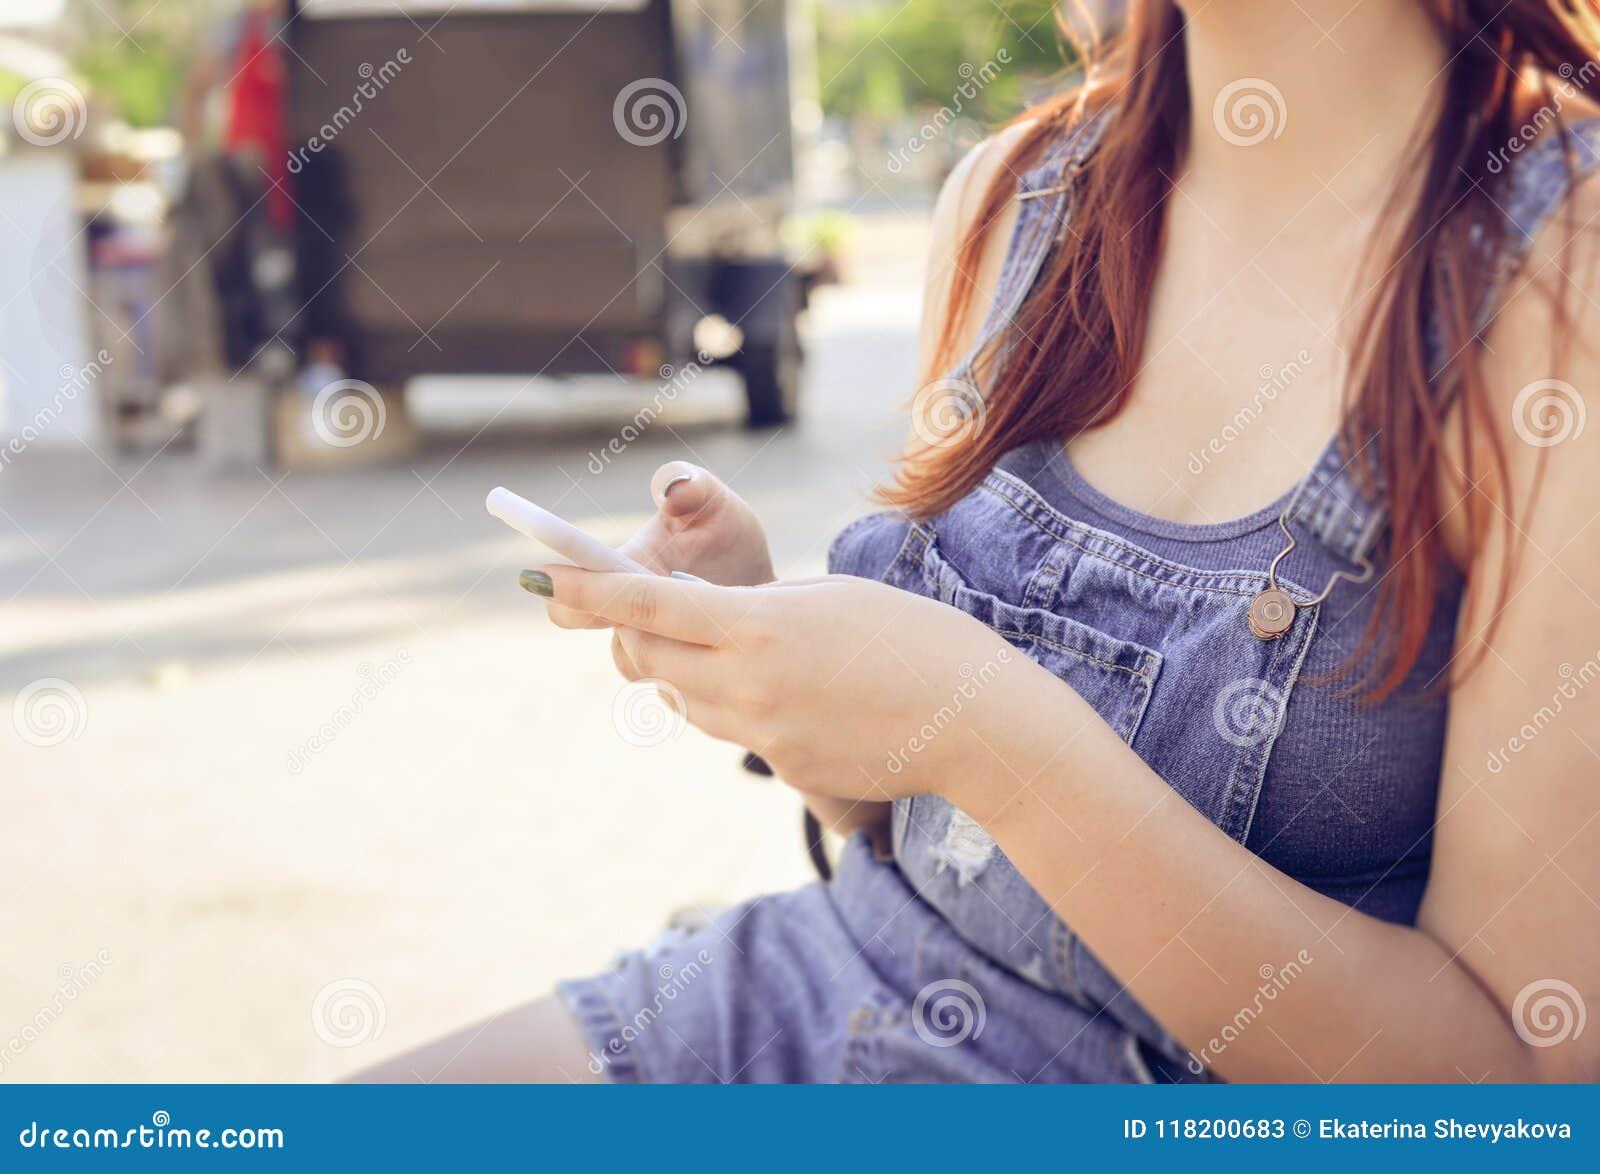 La fille repose sur un banc dans les combinaisons bleues et tient un p mobile